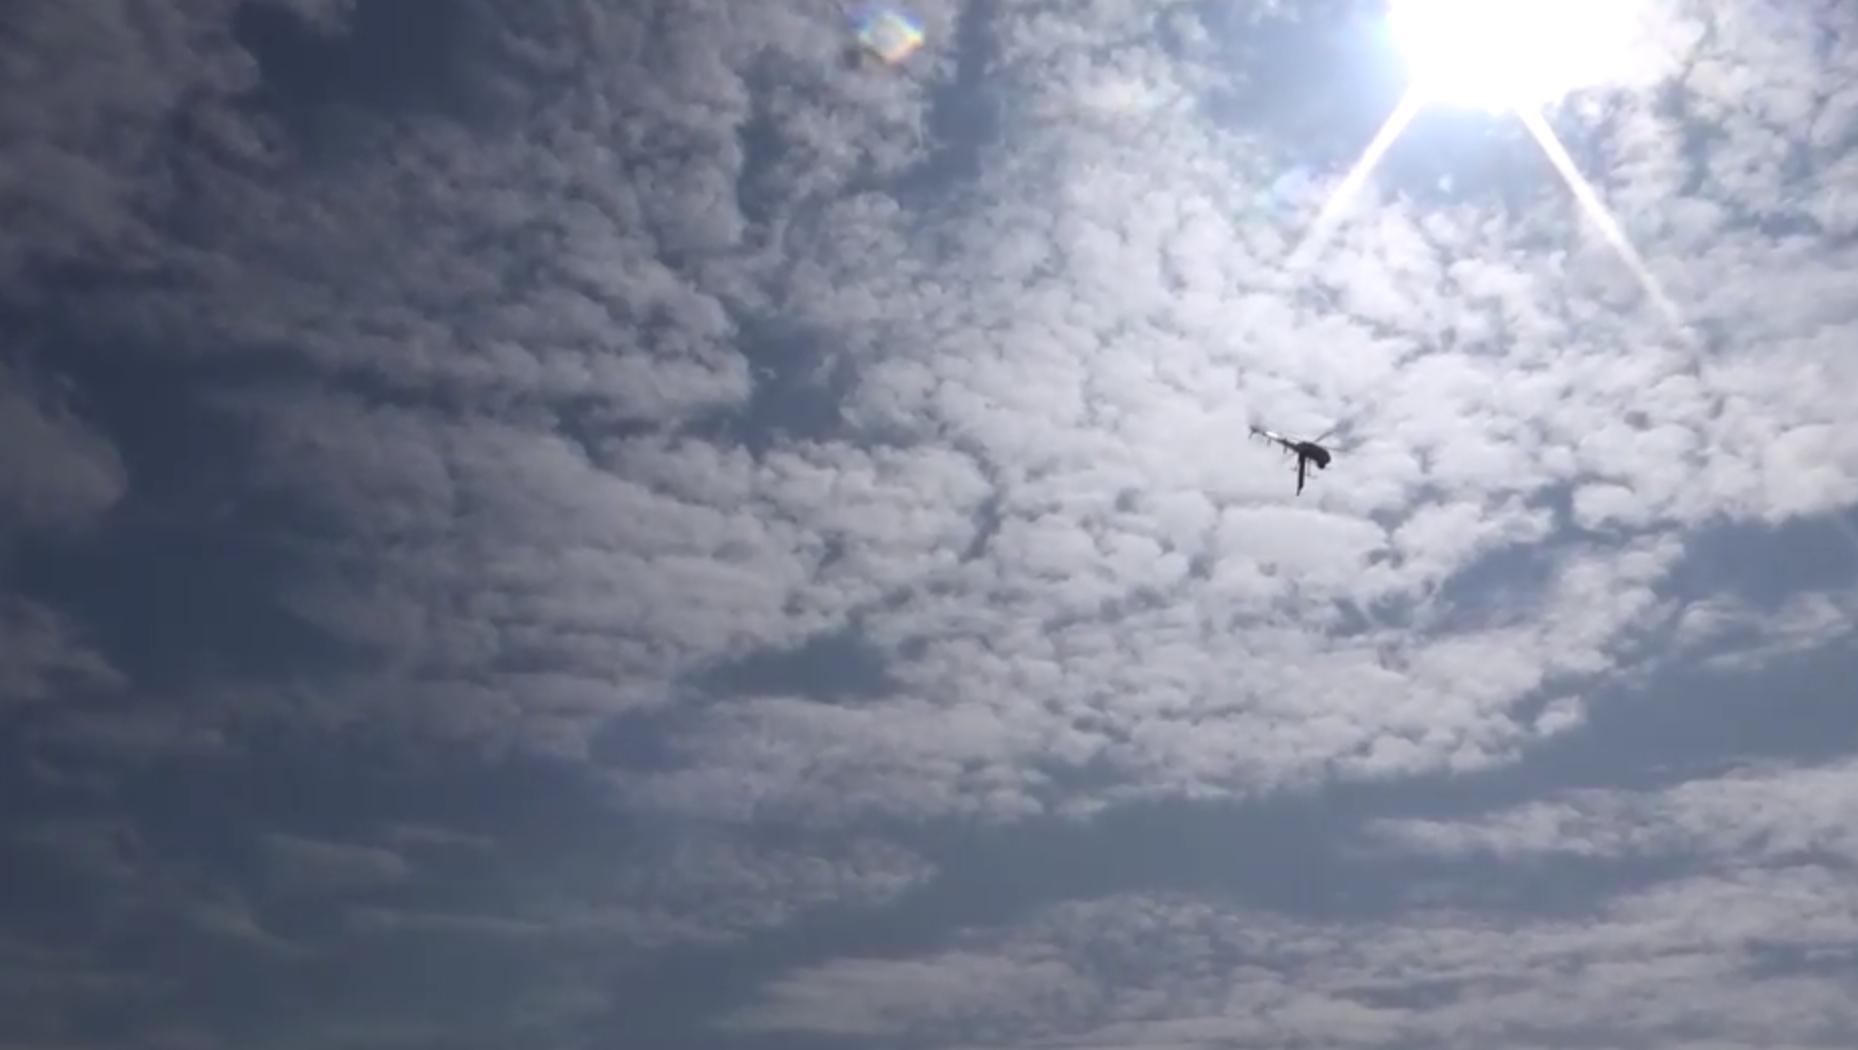 無人機爲海巡署偵察越界行爲新利器。(海巡署提供)